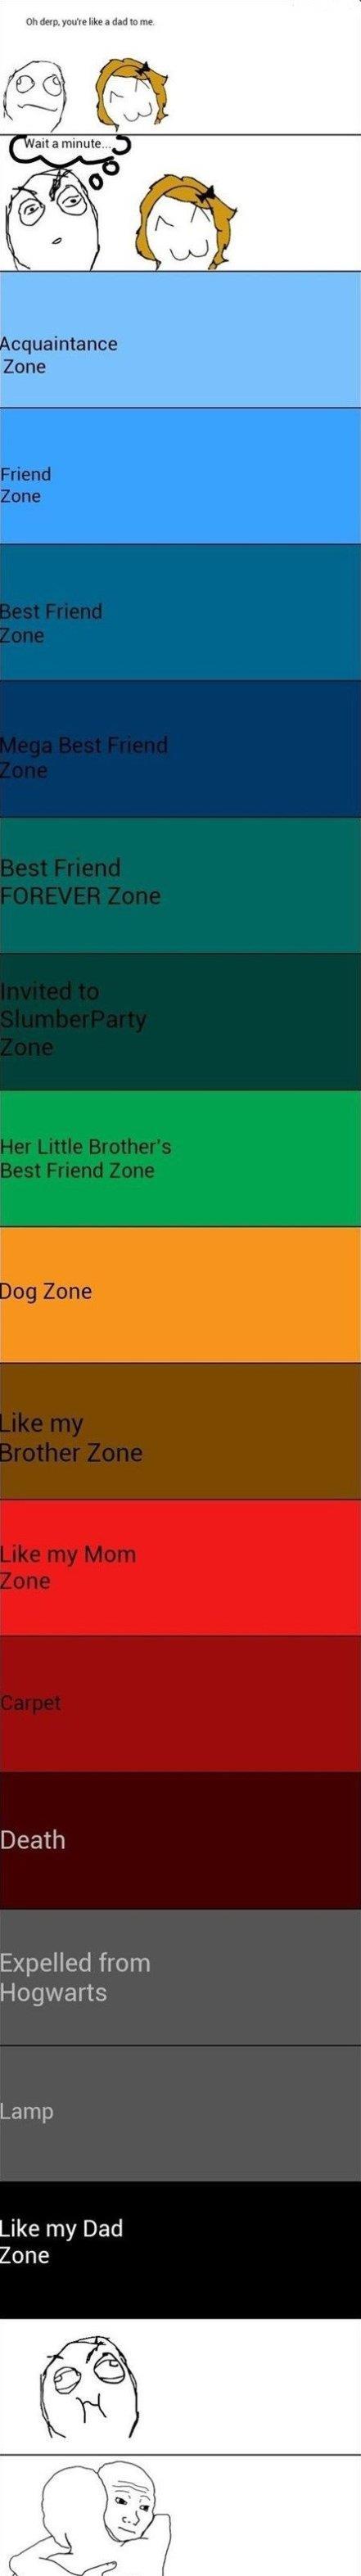 Like my dad zone